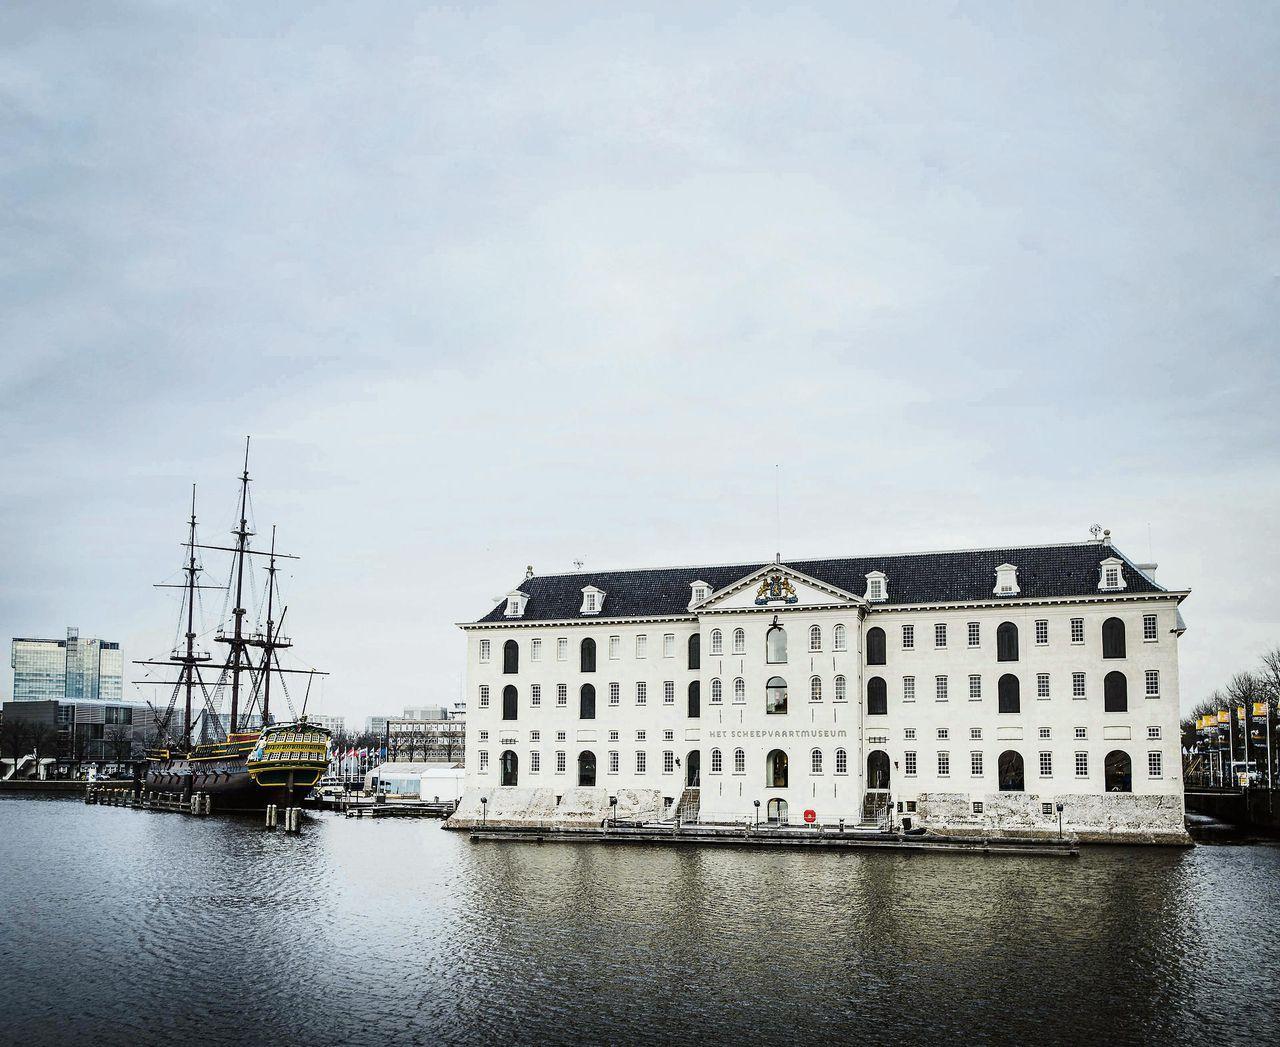 Het Scheepvaartmuseum dreigt subsidie kwijt te raken wegens bestuurlijke problemen.